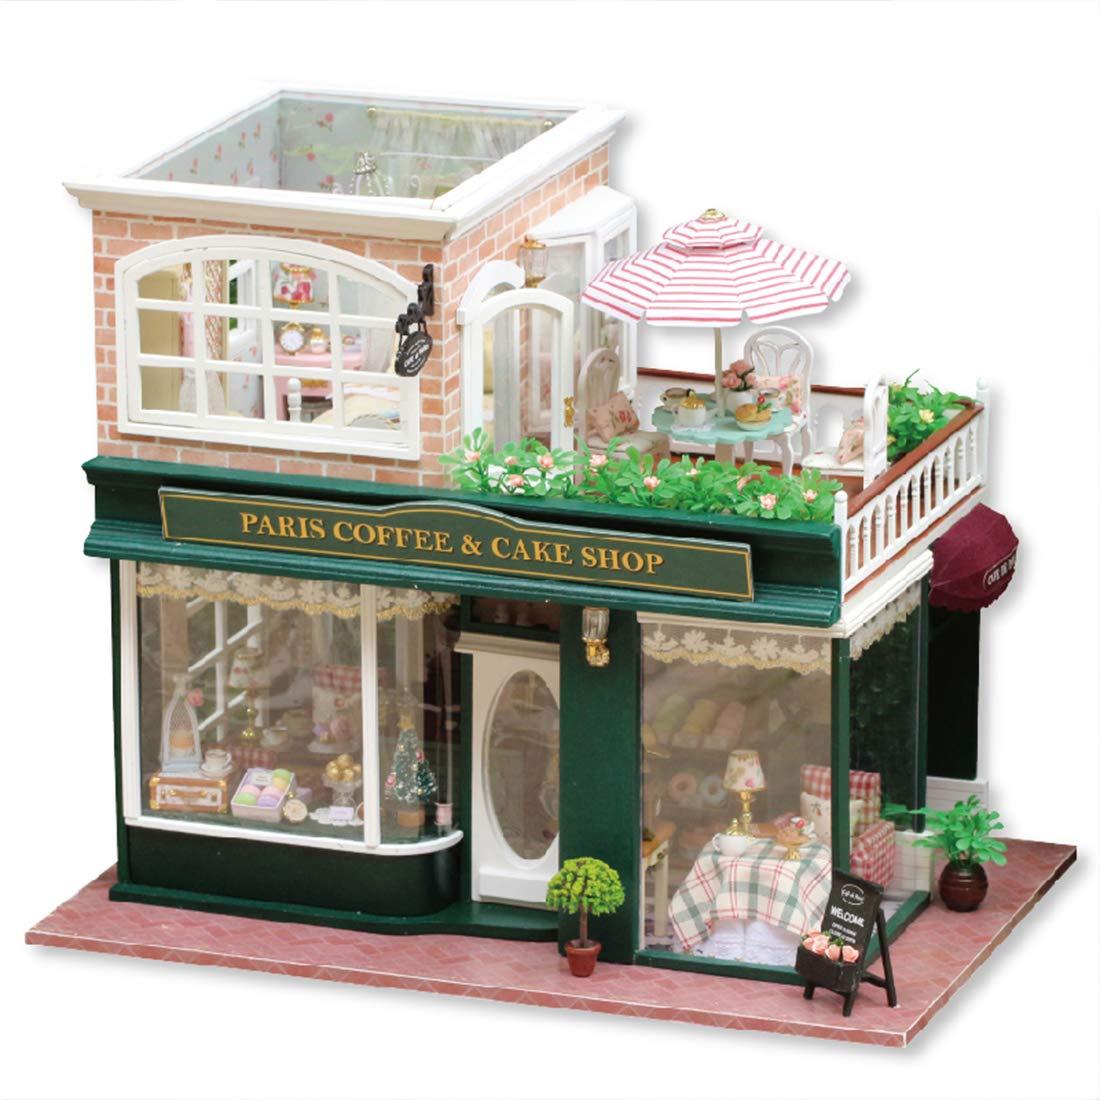 Power DIY ドールハウス 家具 ミニチュア 木製 ハンドメイド おもちゃ フレンチコーヒーツアー 子供の誕生日に   B07HQKD474